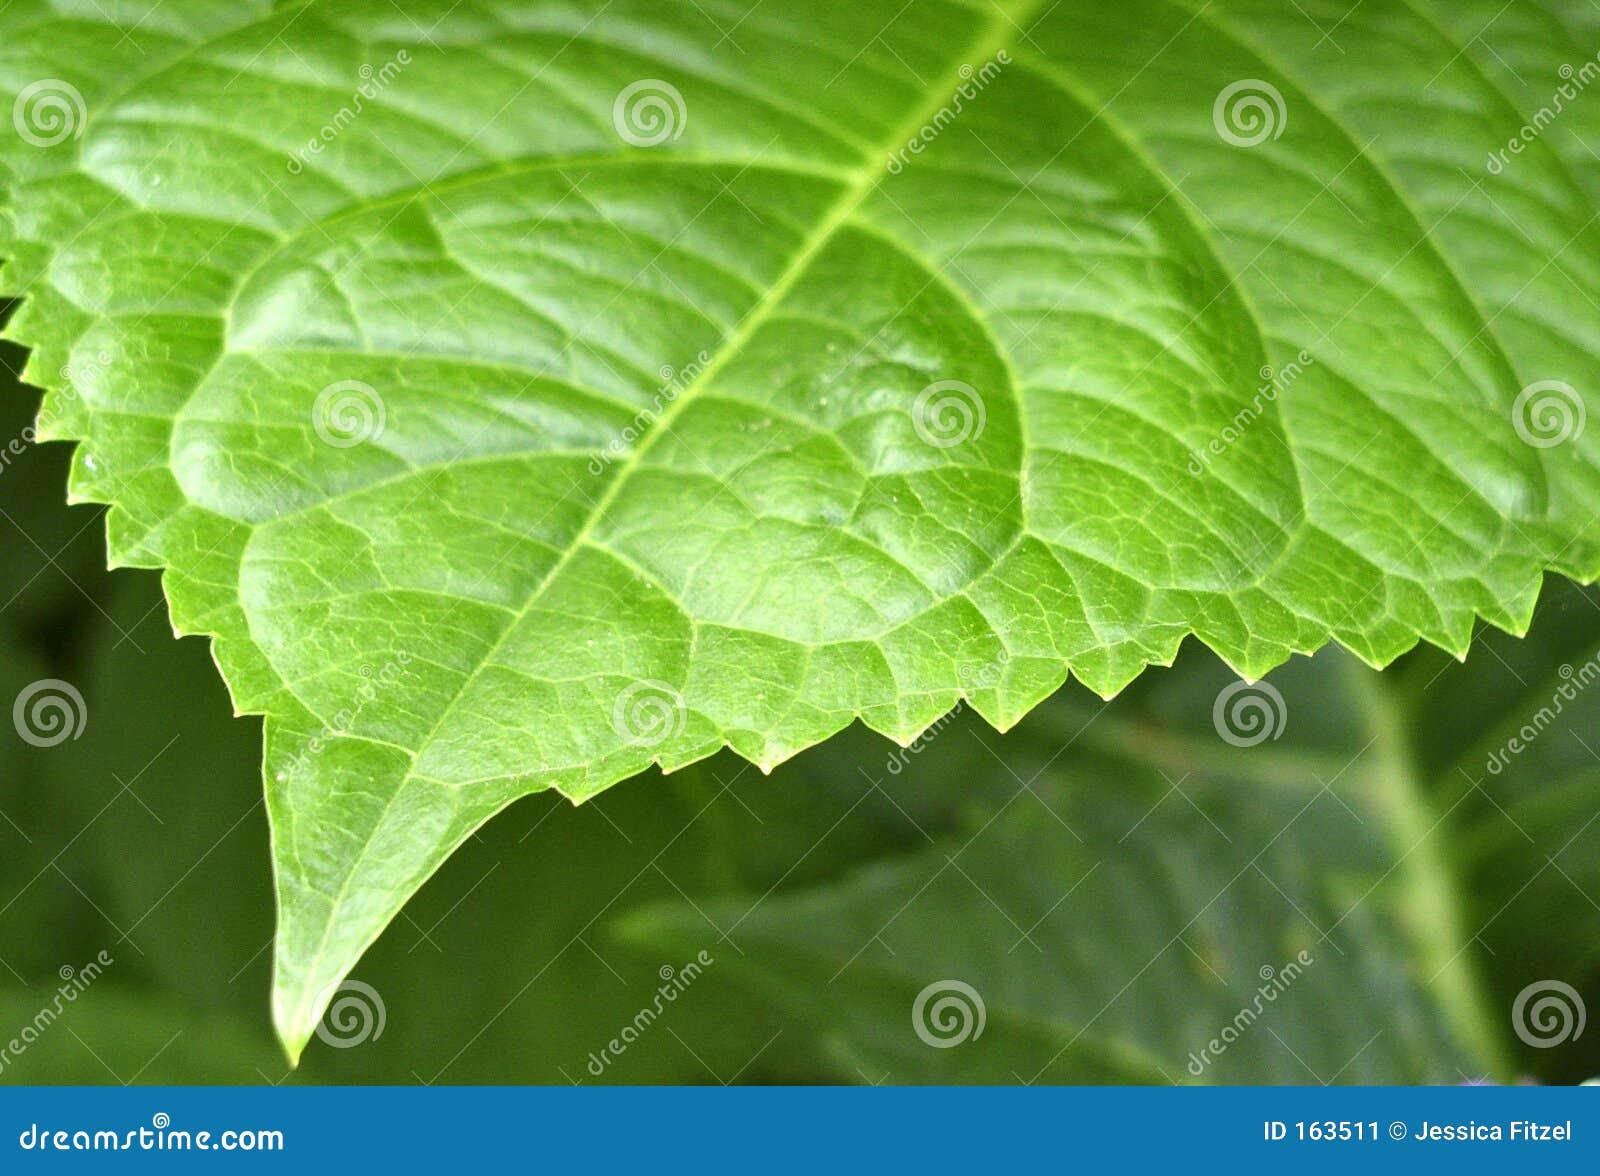 Leafy edge